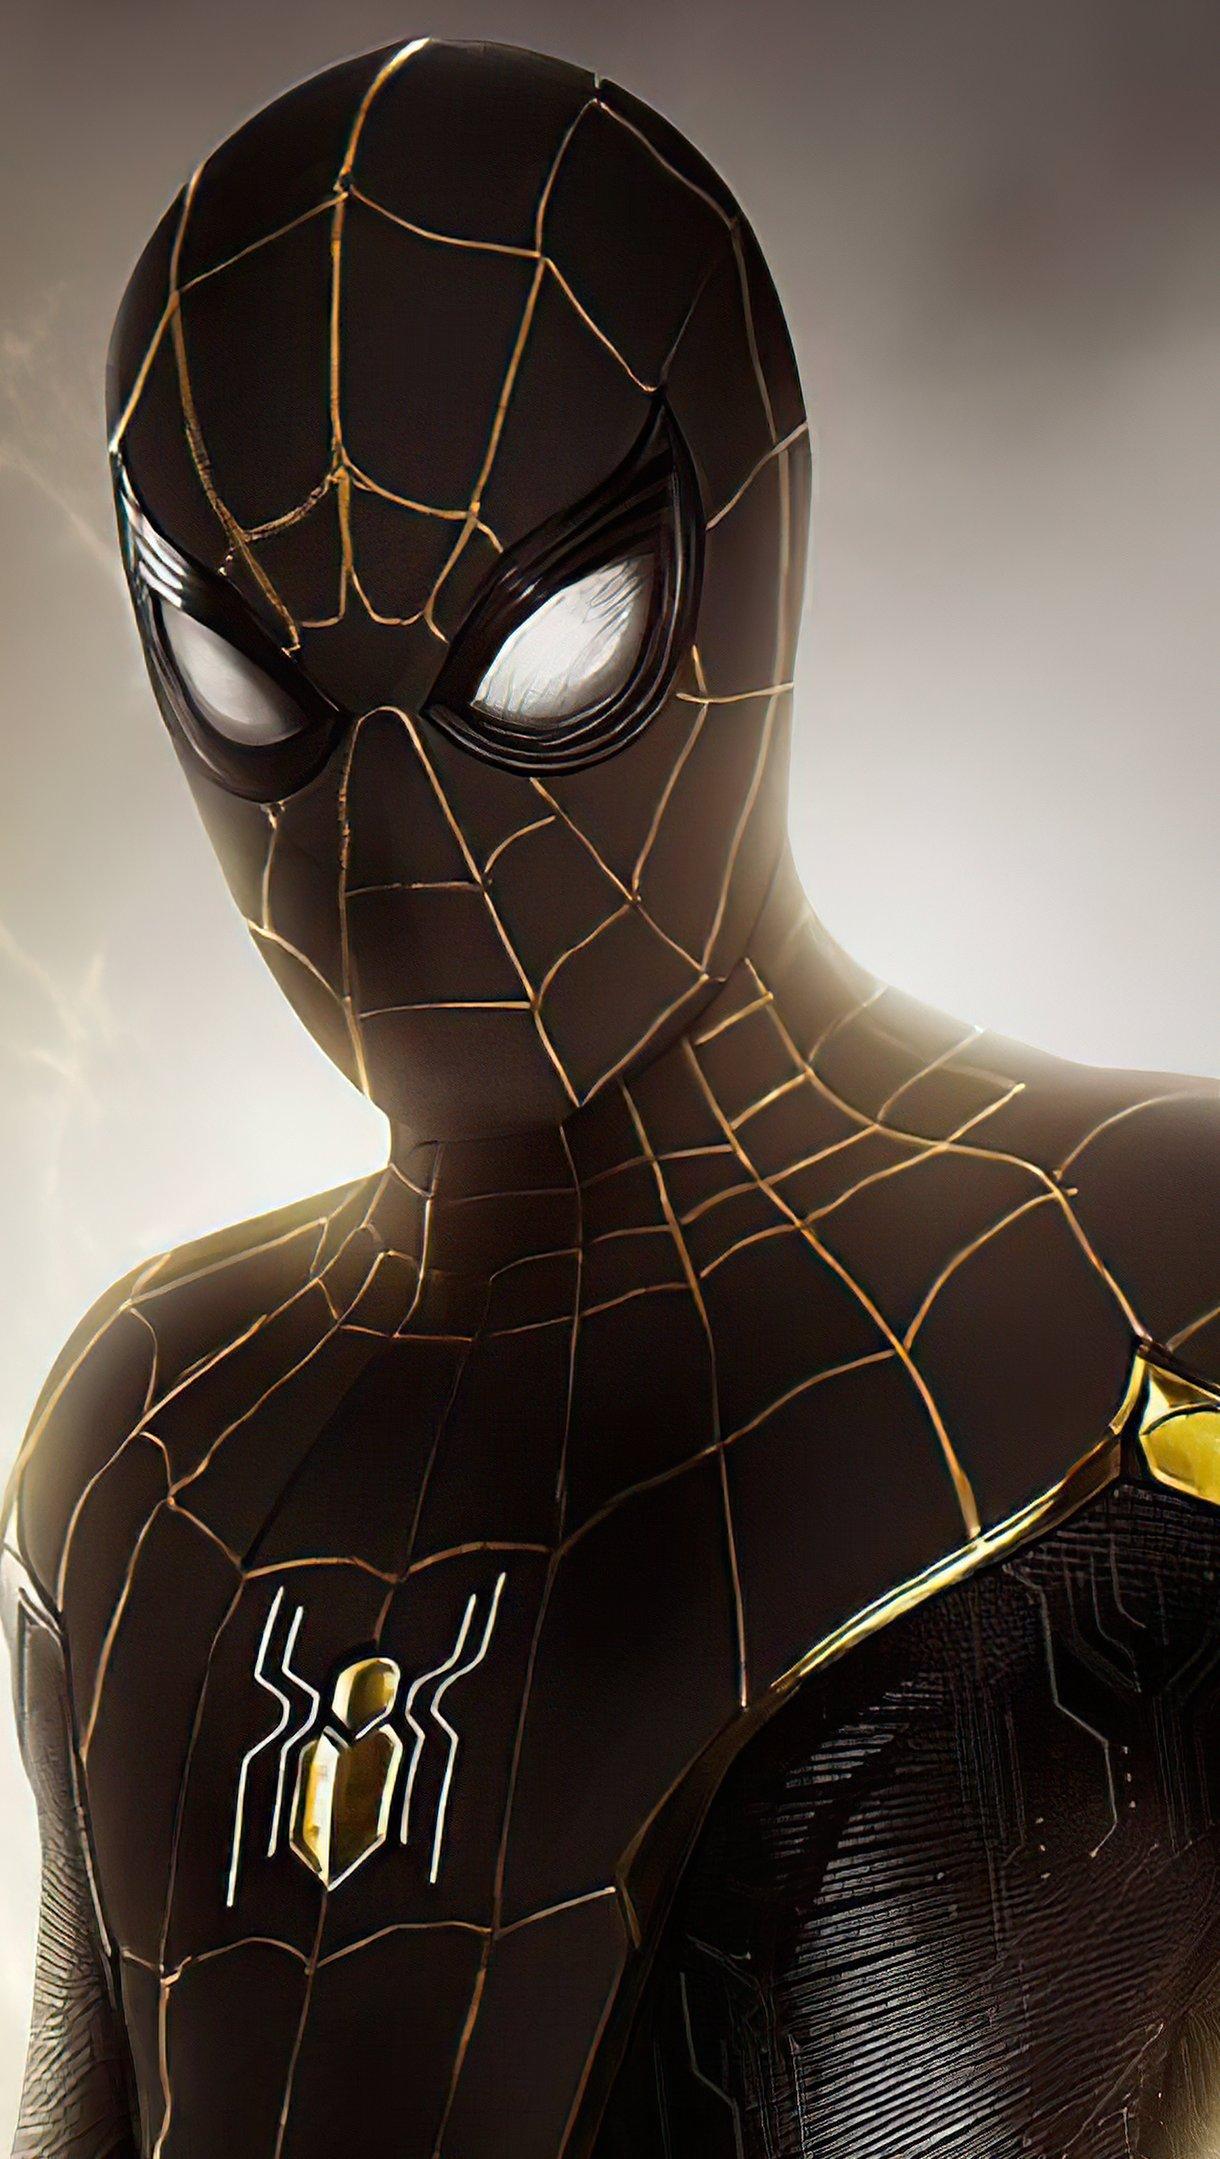 Fondos de pantalla Spider Man traje negro y dorado Vertical